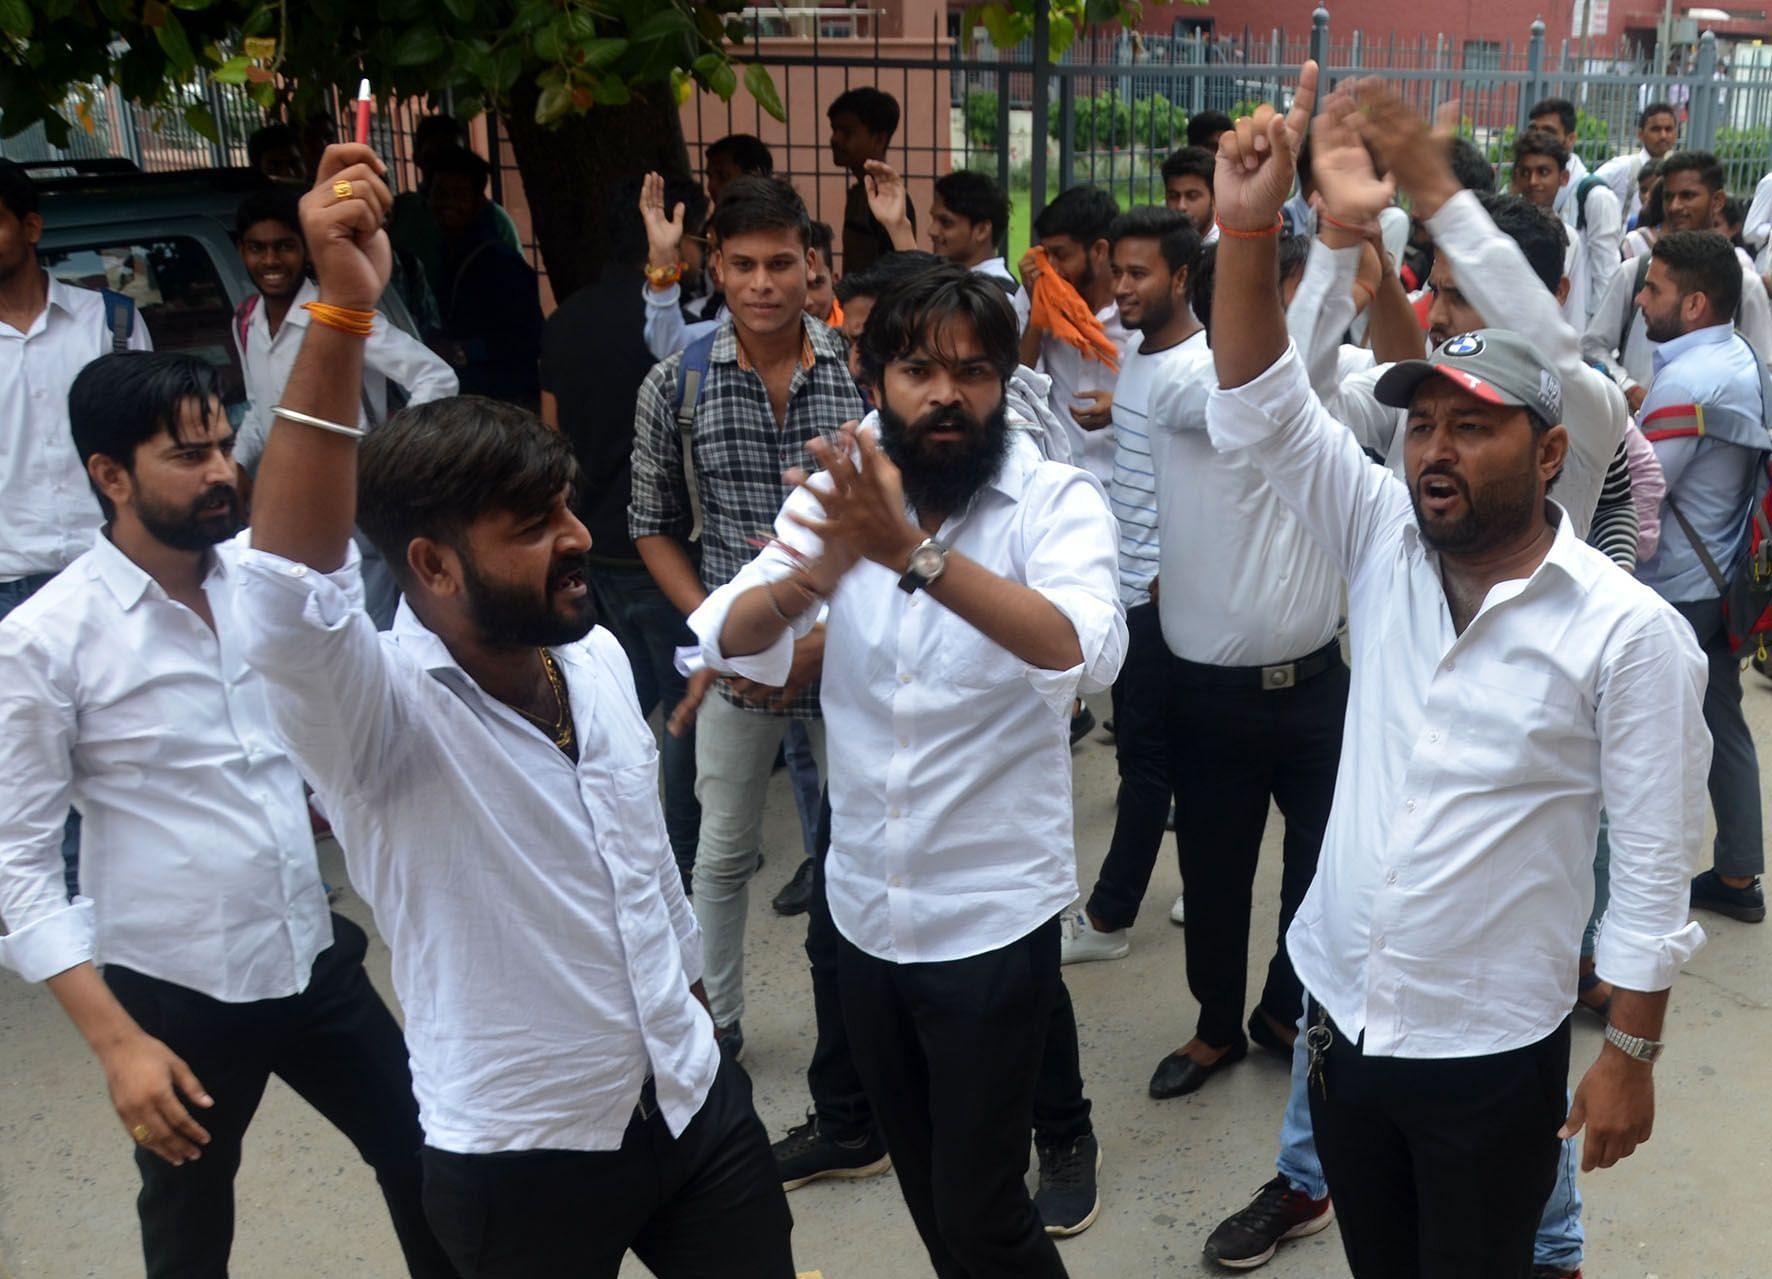 डीएस कॉलेज में बुर्का और टोपी पर प्रतिबंध की मांग को लेकरप्रदर्शन करते छात्र नेता।